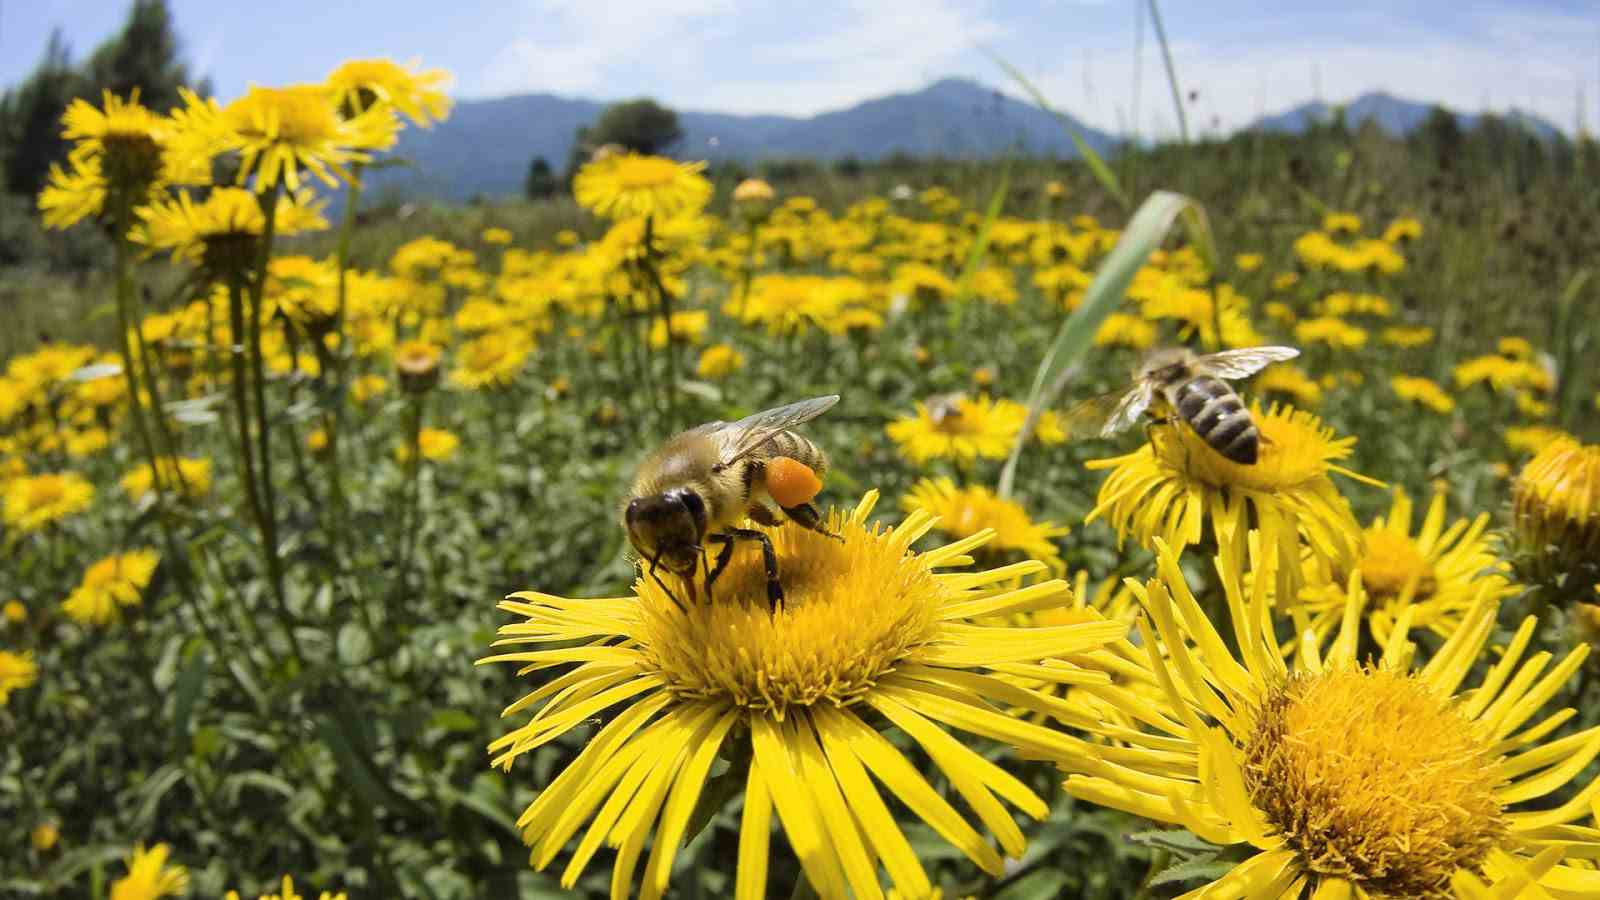 arı ile ilgili görsel sonucu